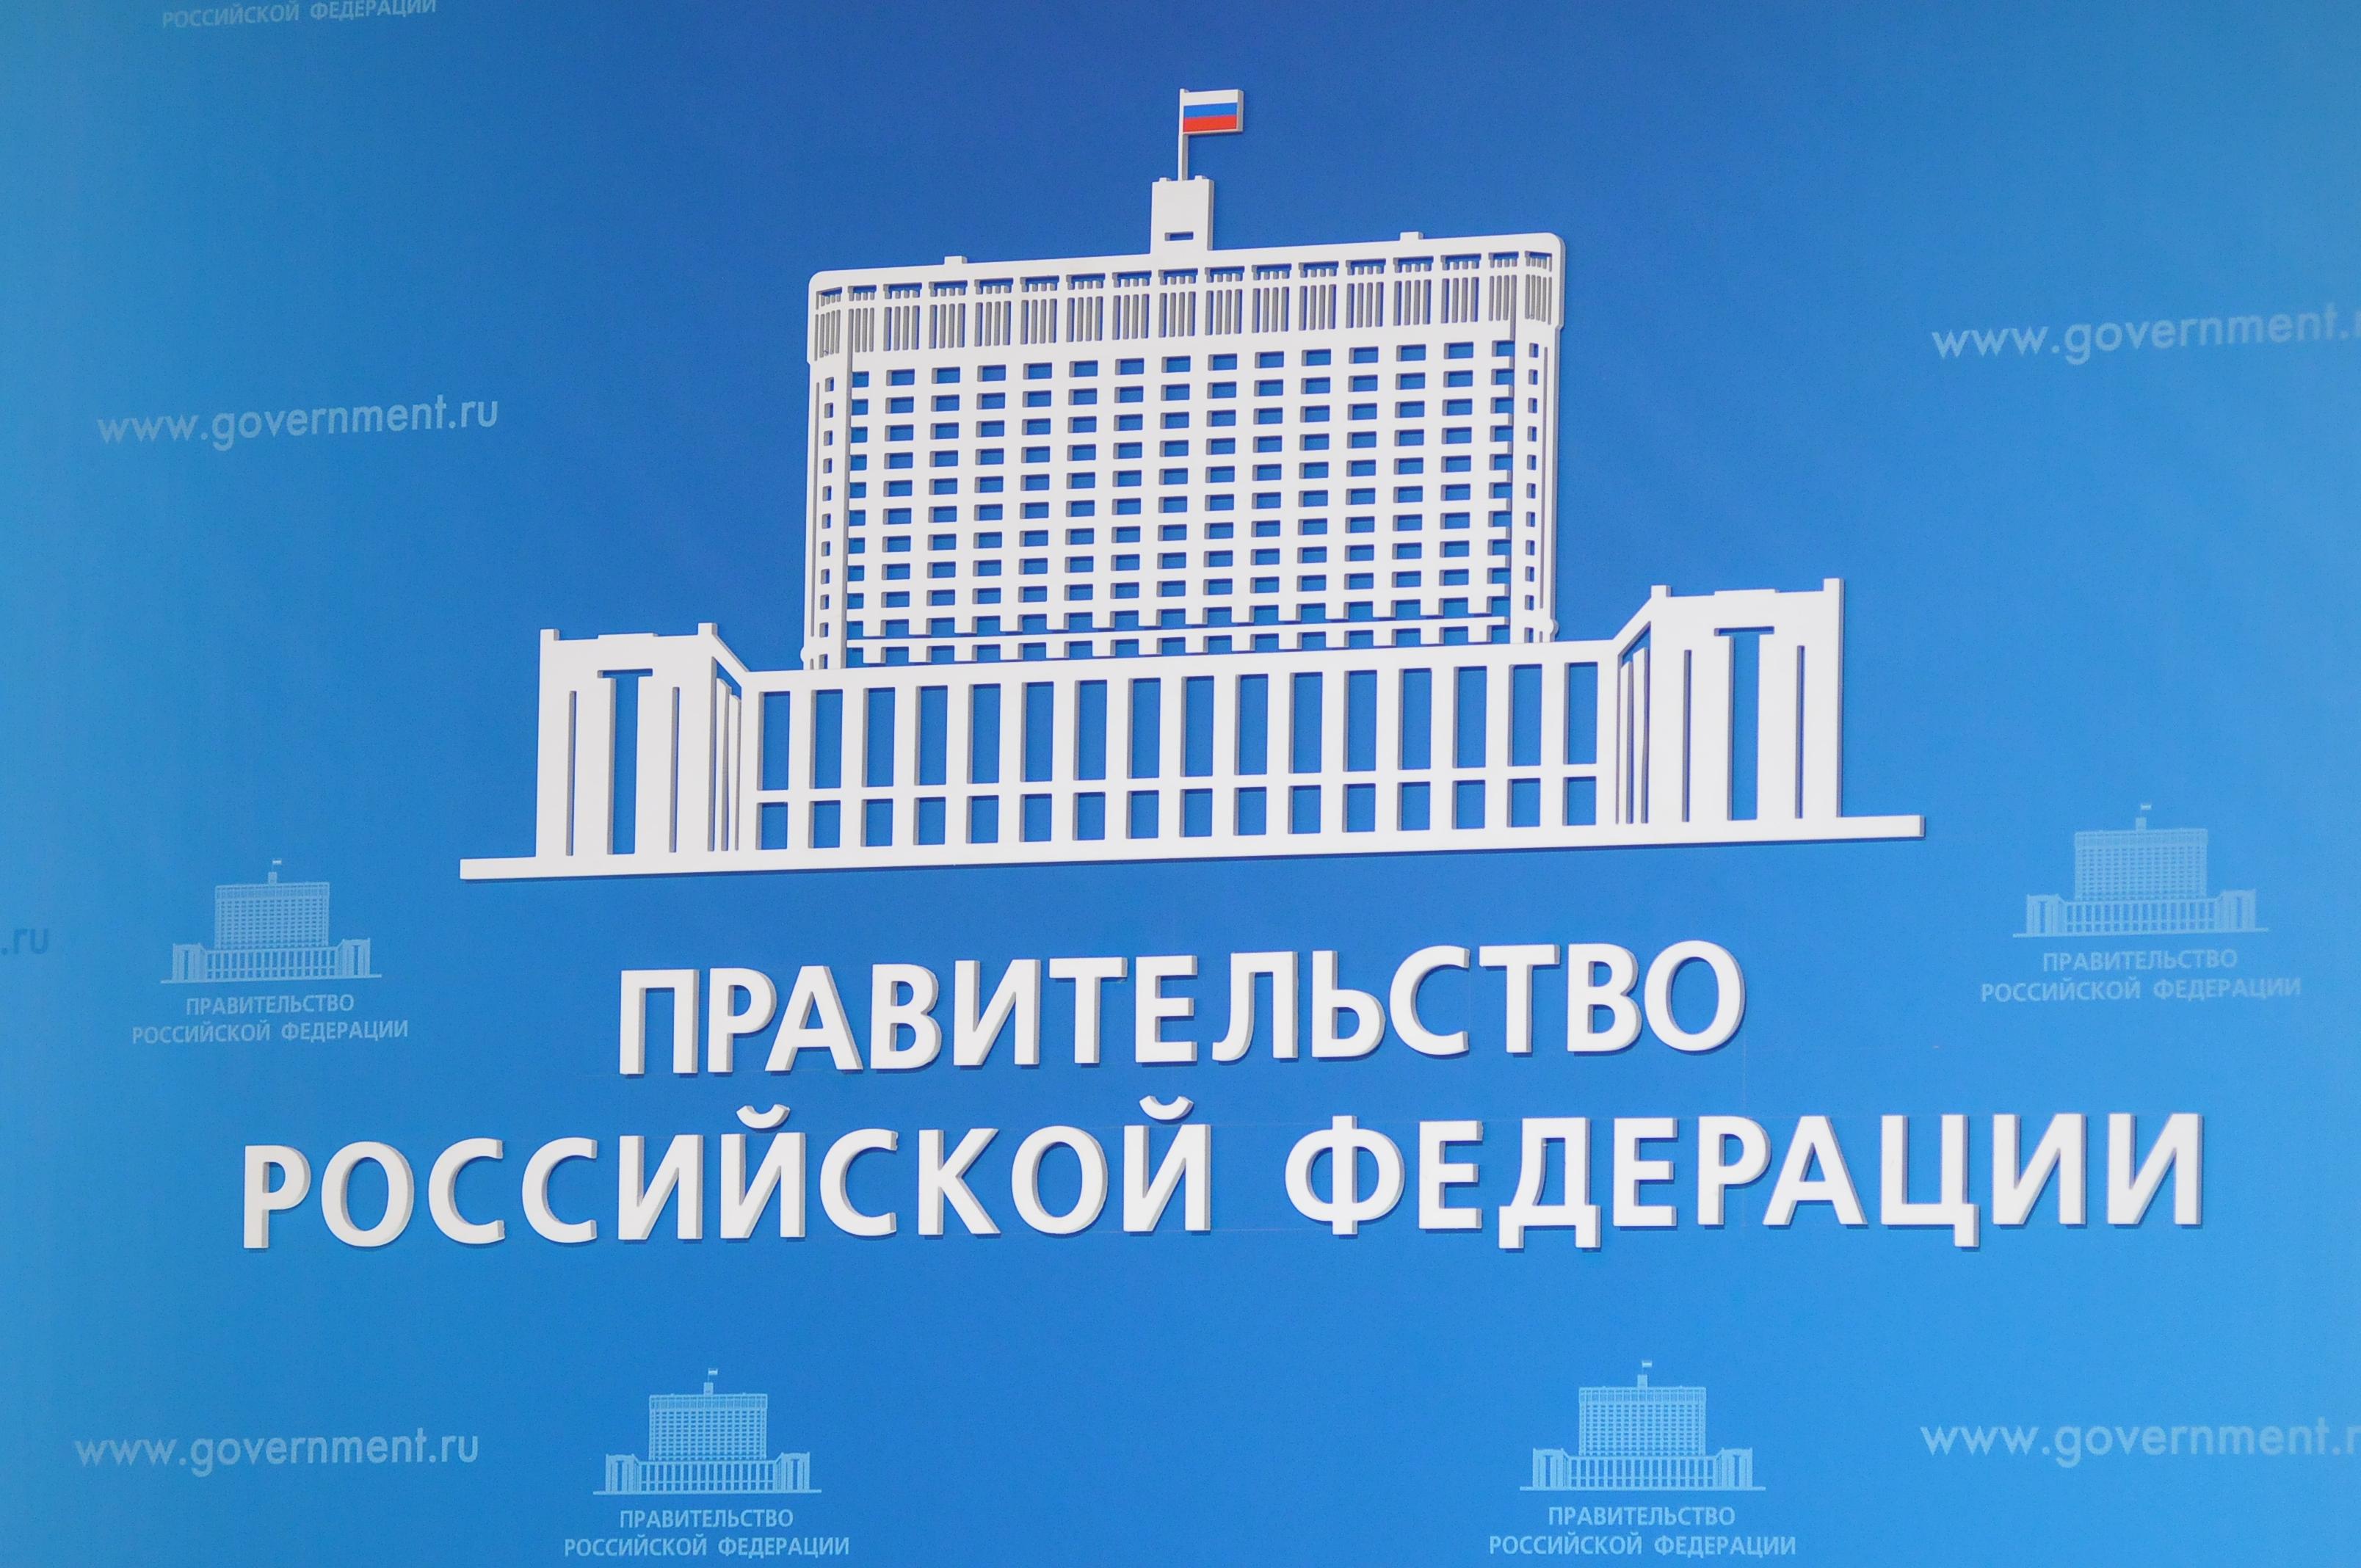 Правительство РФ утвердило новый состав Попечительского совета Фонда кино